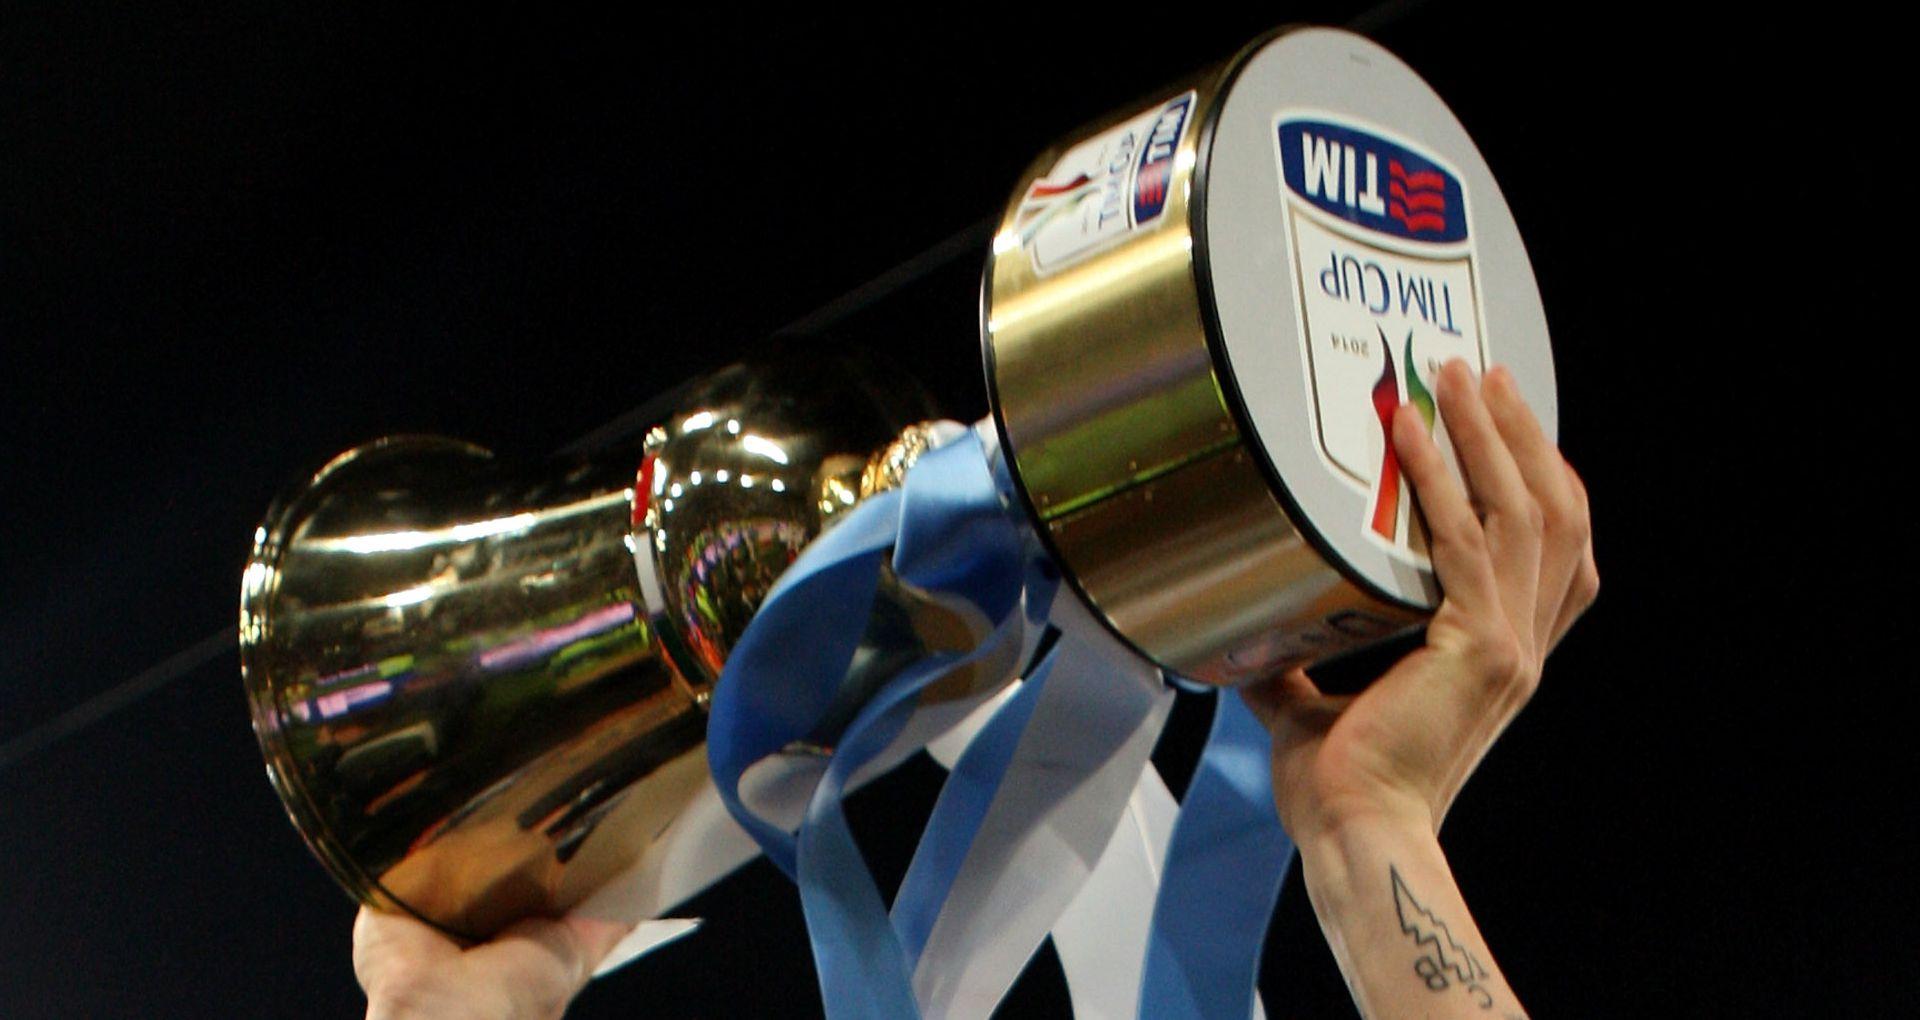 La Juventus non sbaglia: Lazio battuta 2-0, terza Coppa Italia consecutiva